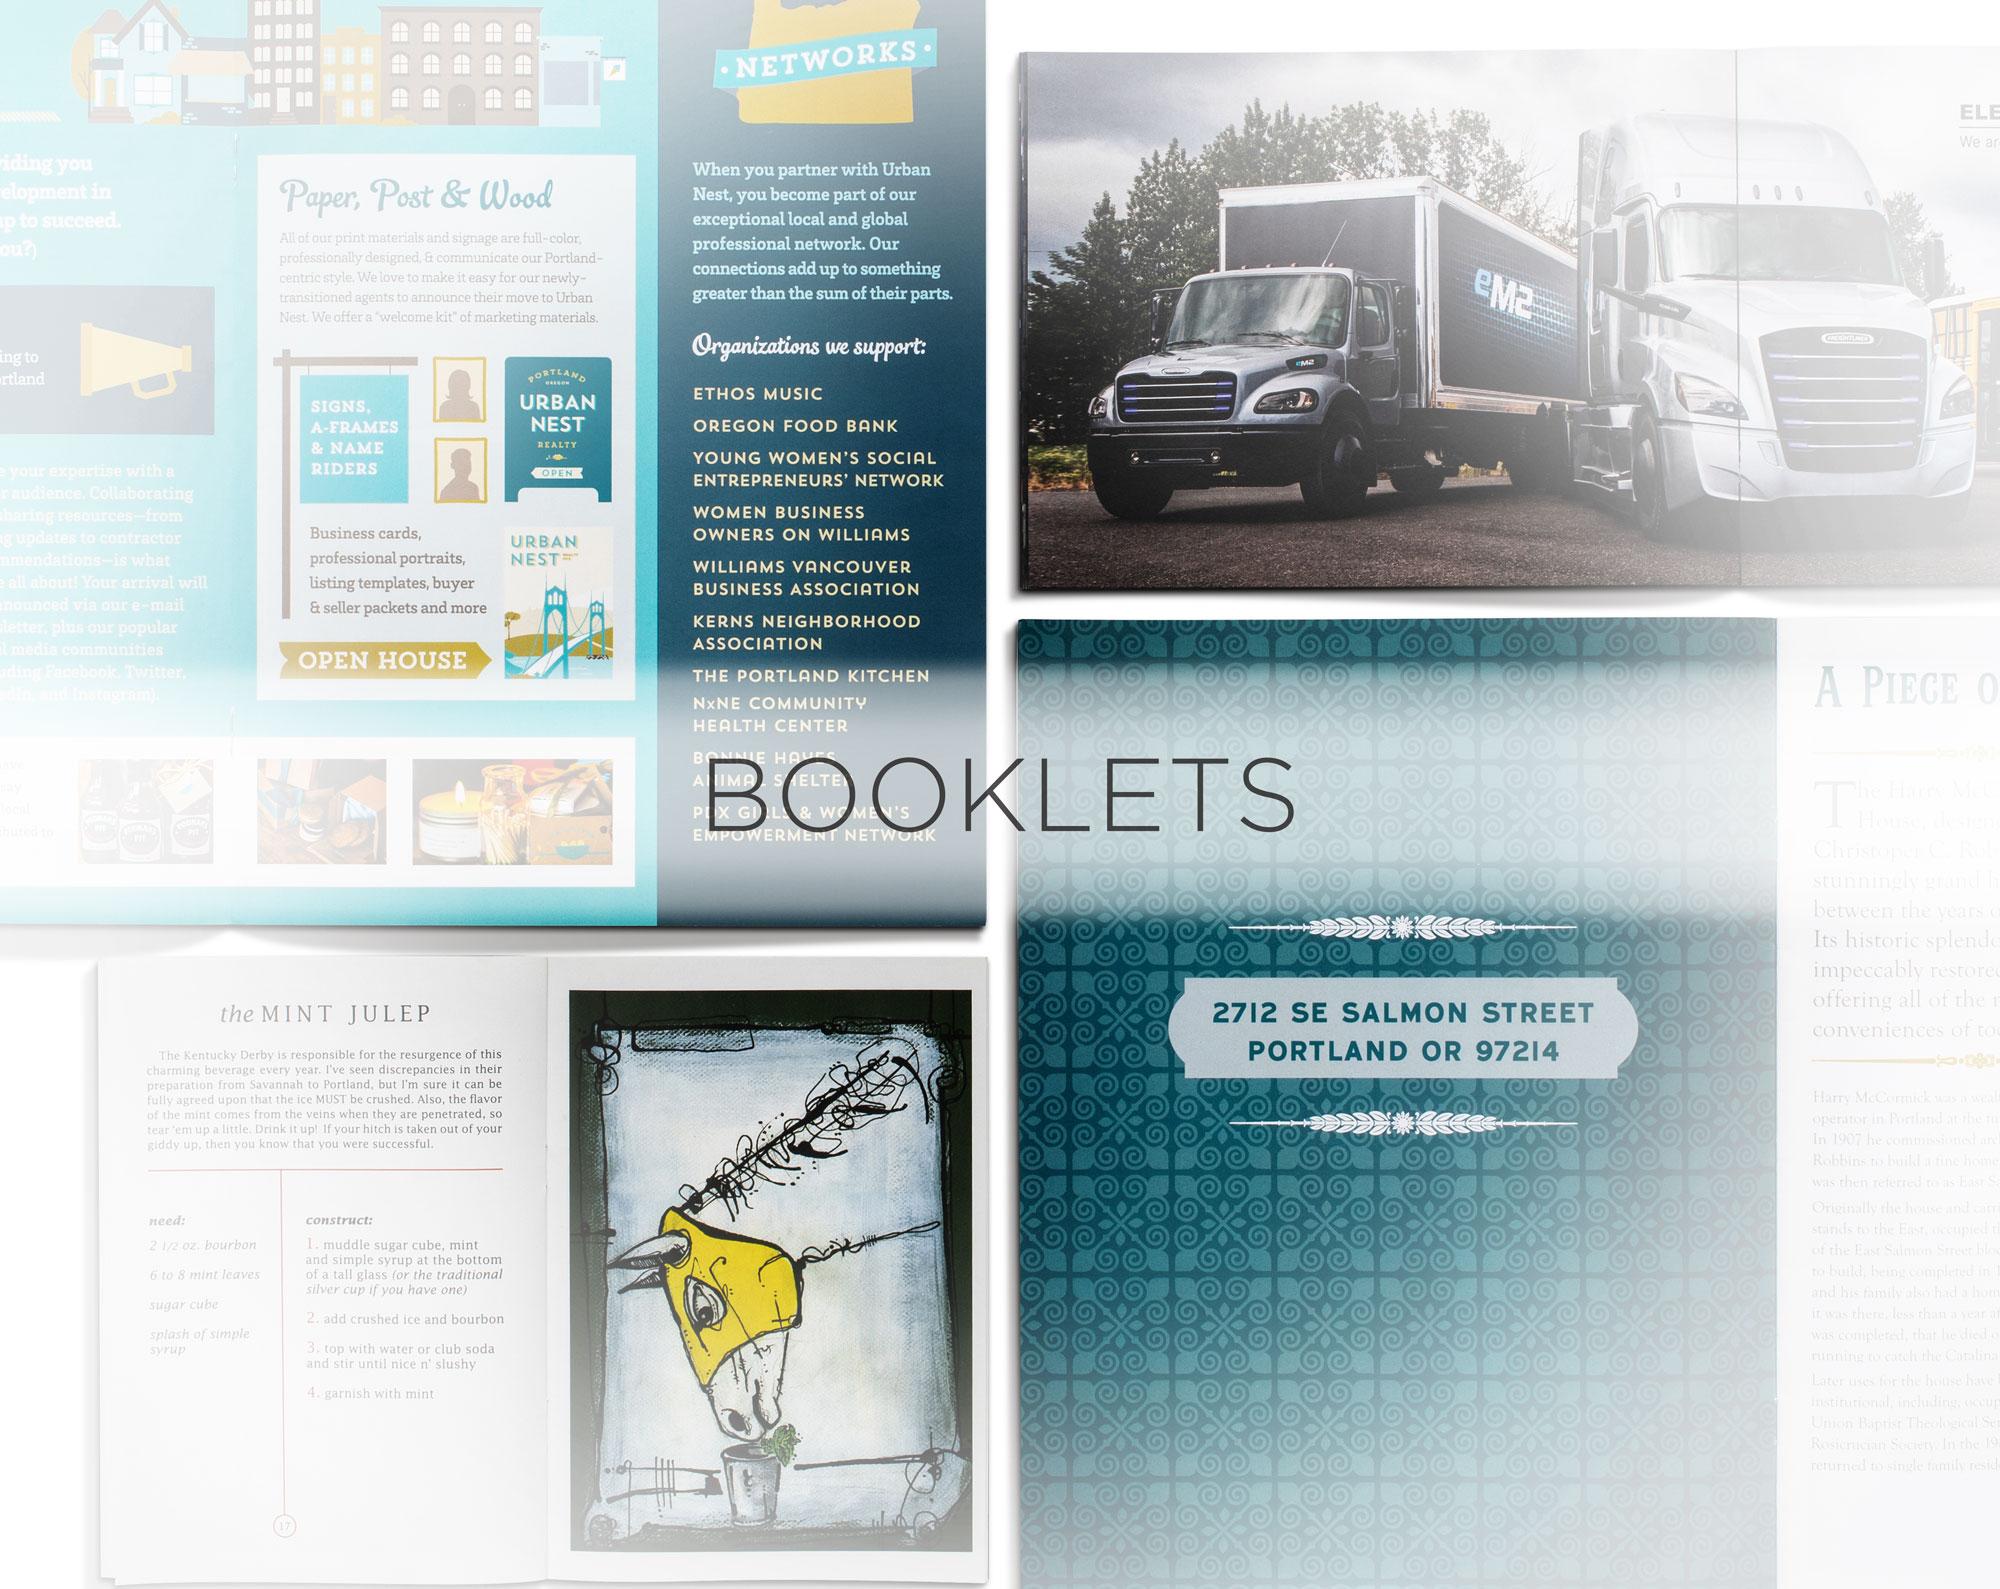 FRANCIS_SLIDE_SHOW_BOOKLETS.jpg